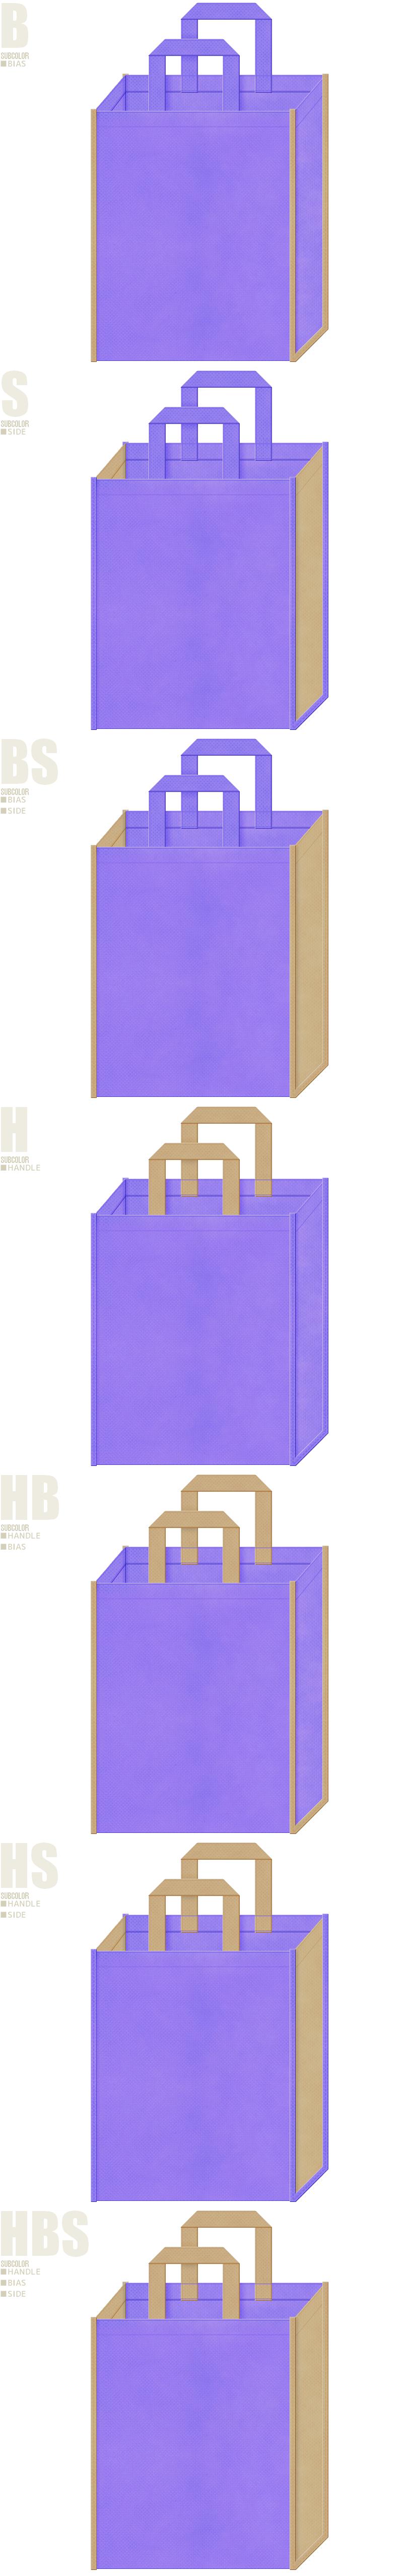 明るめの紫色とカーキ色、7パターンの不織布トートバッグ配色デザイン例。